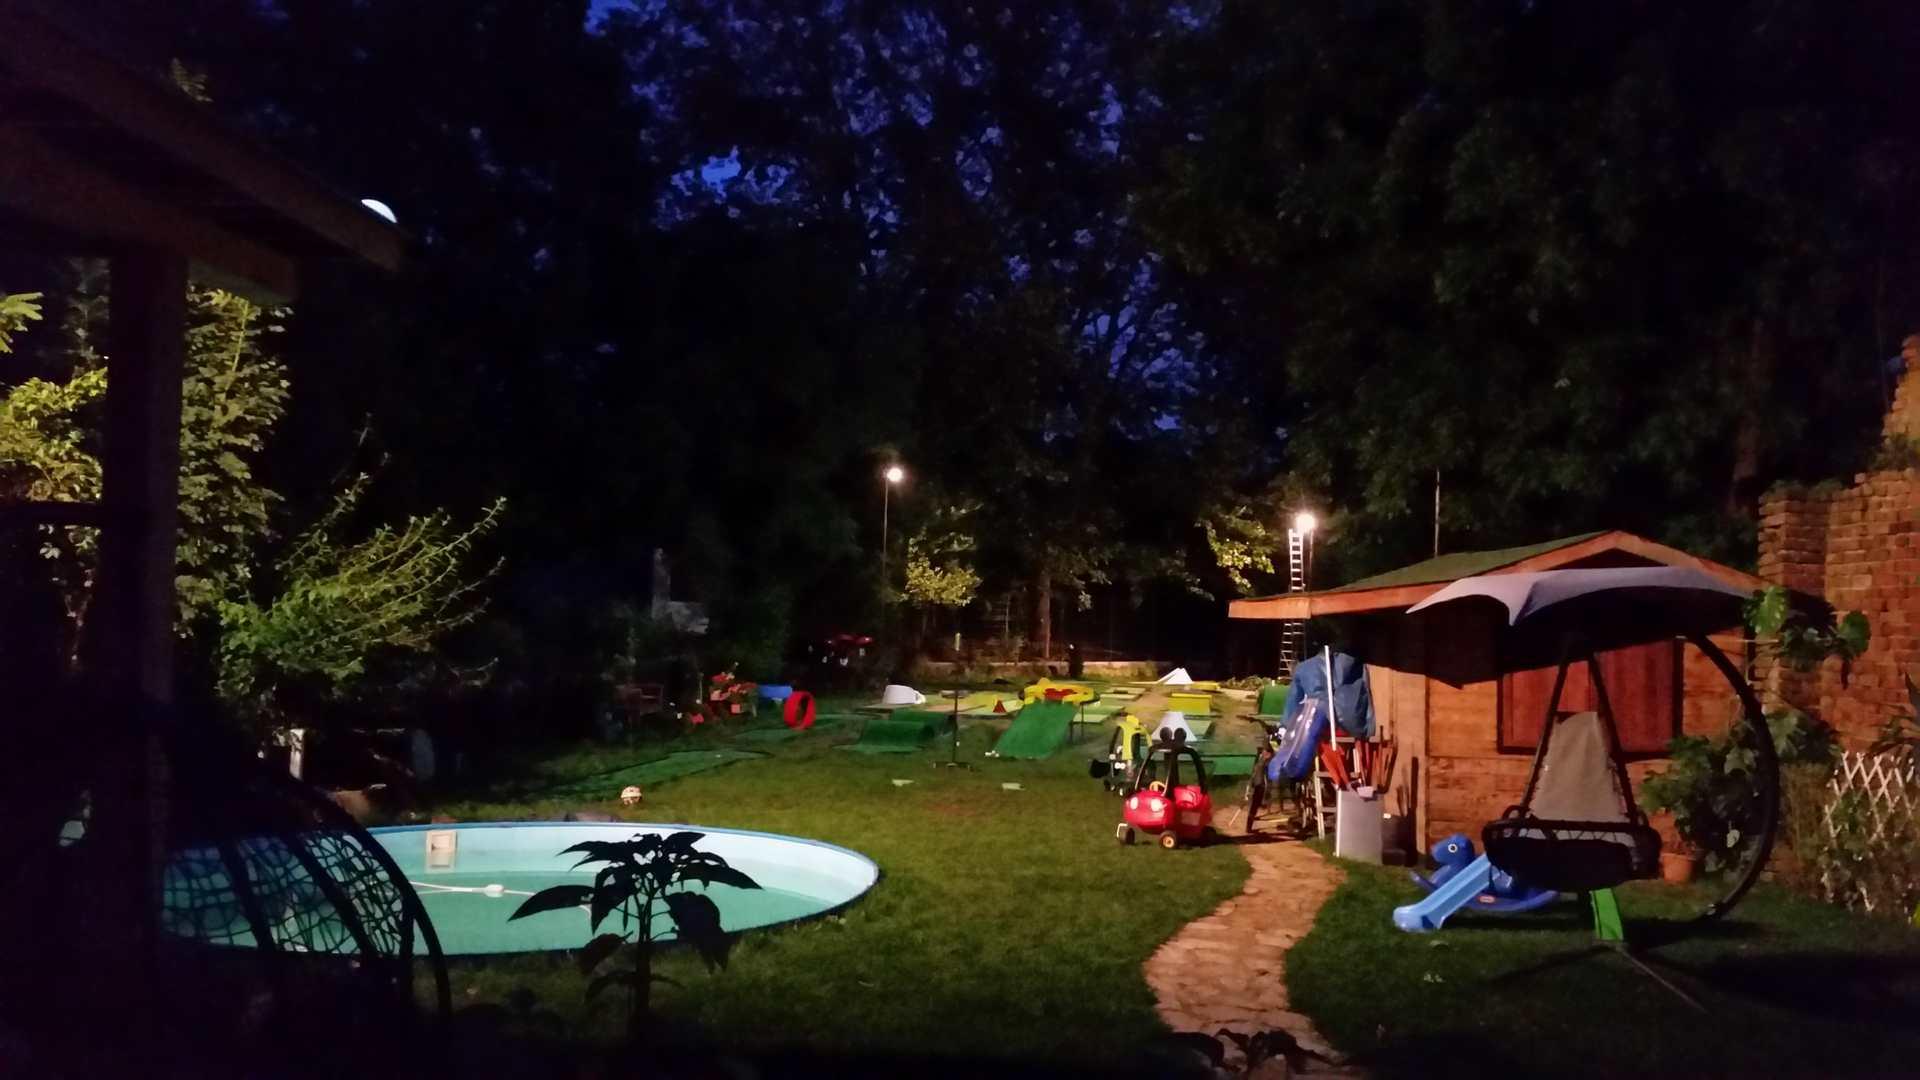 Pole do gry w minigolfa Kraków oświetlone nocą